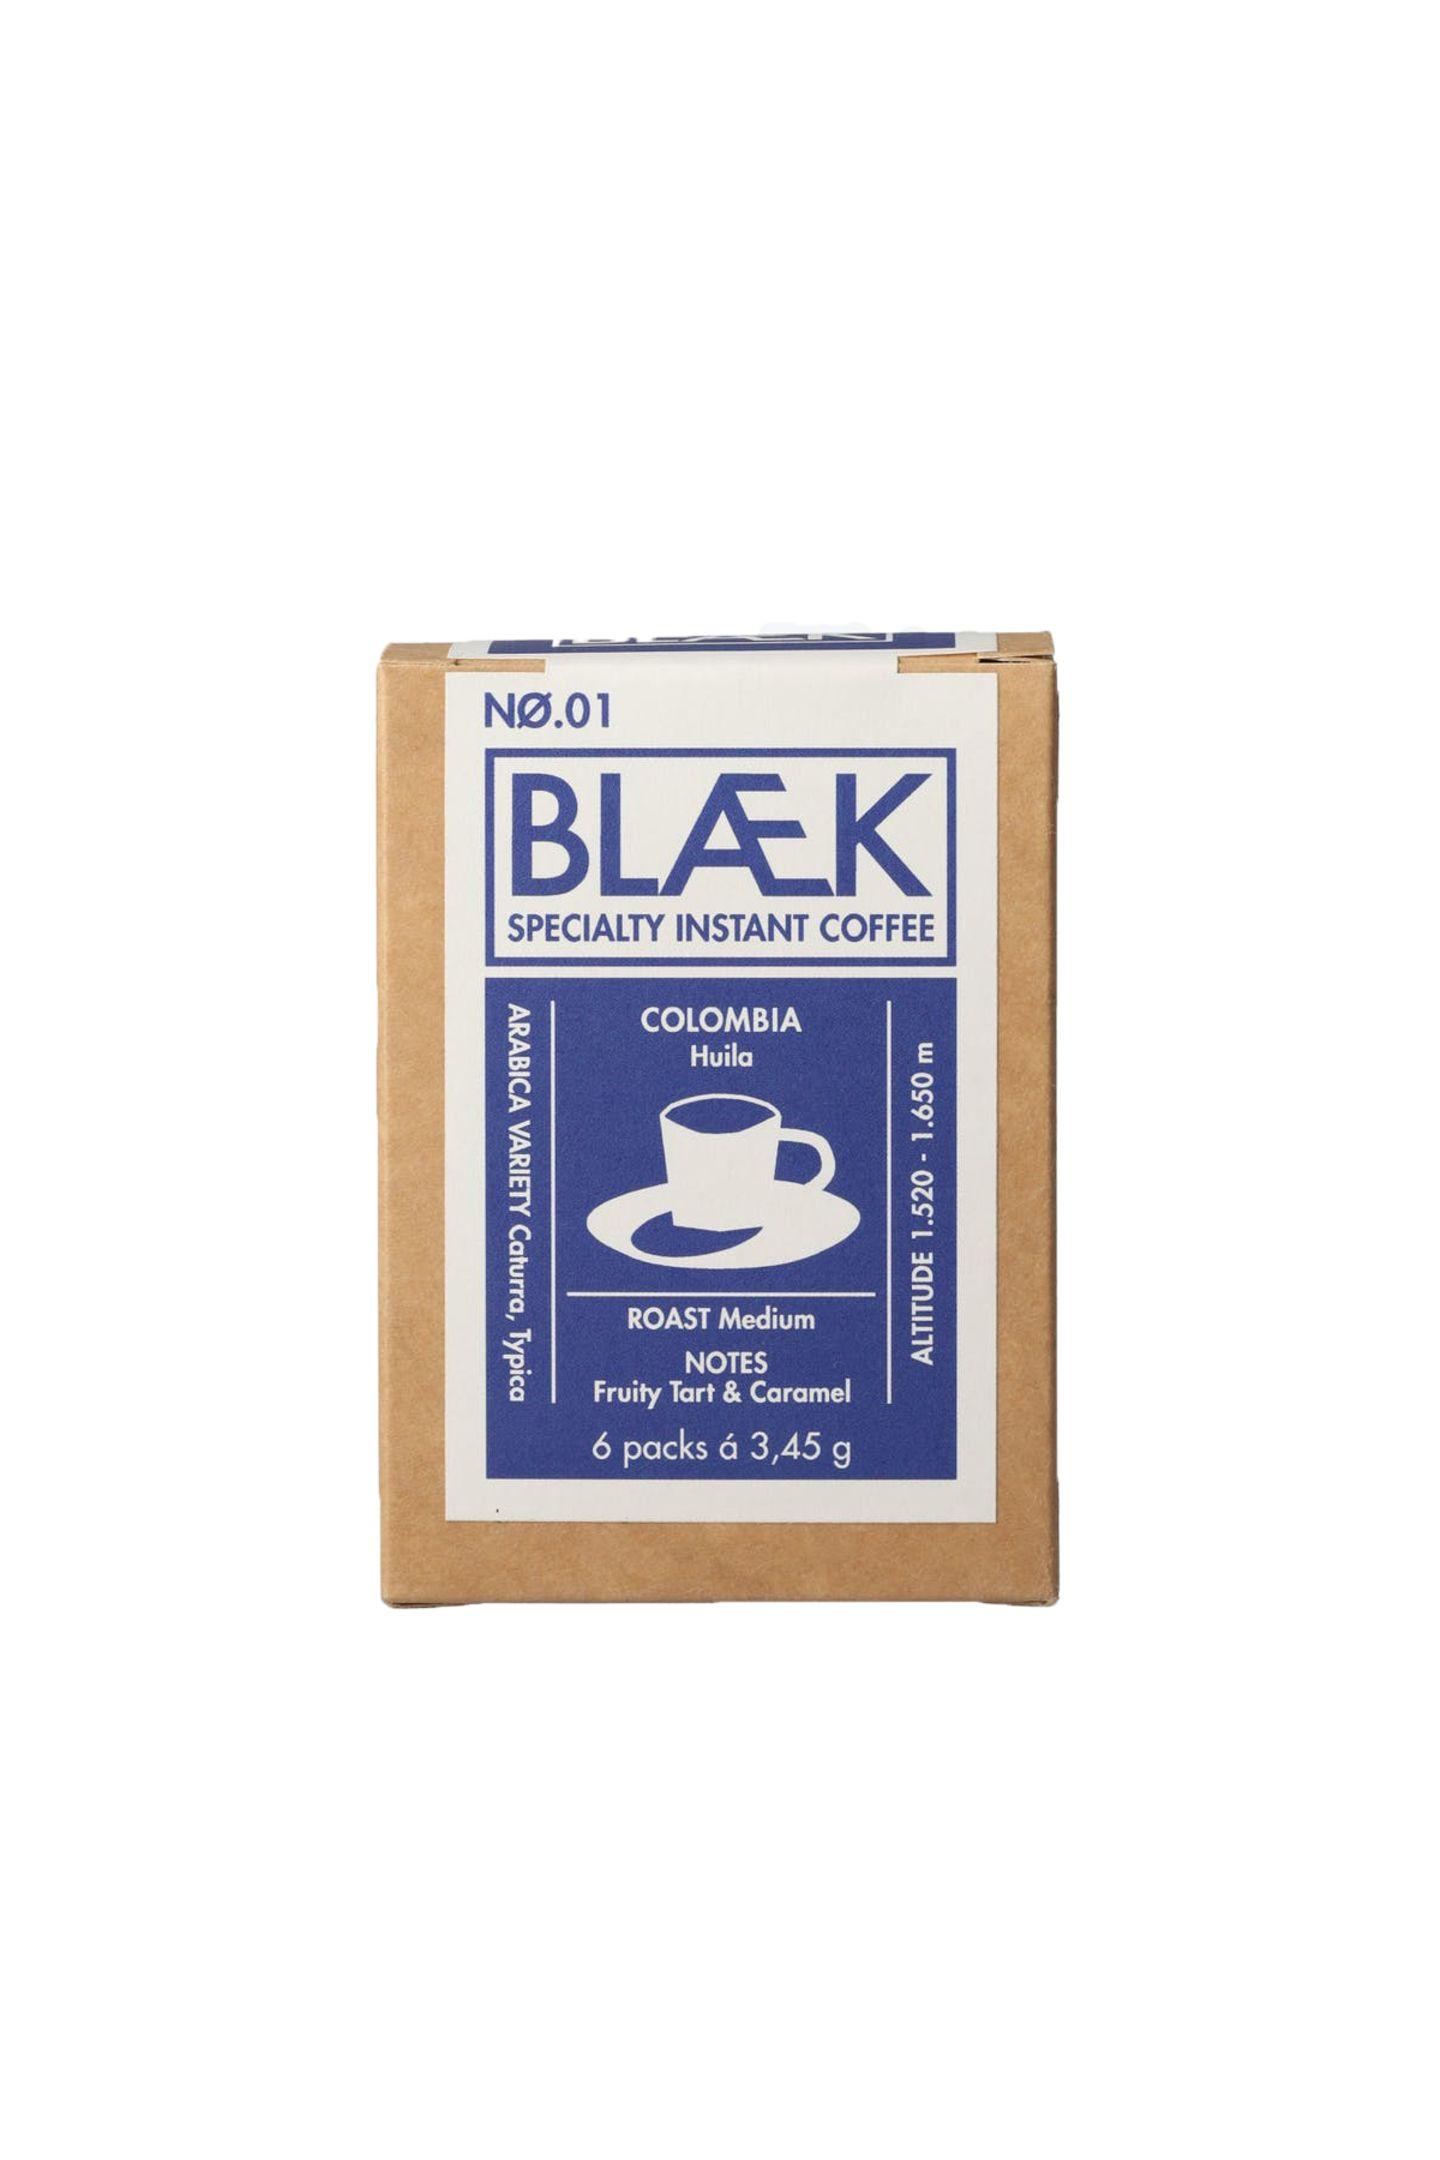 """Kaffee mit CharakterKlein, praktisch und lecker sind die kleinen Instant-Tütchen, die perfekten Kaffeegenuss im Handumdrehen garantieren. """"Specialty Instant Kaffee"""" von Blaek, ca. 7 Euro (6 Packungen)"""